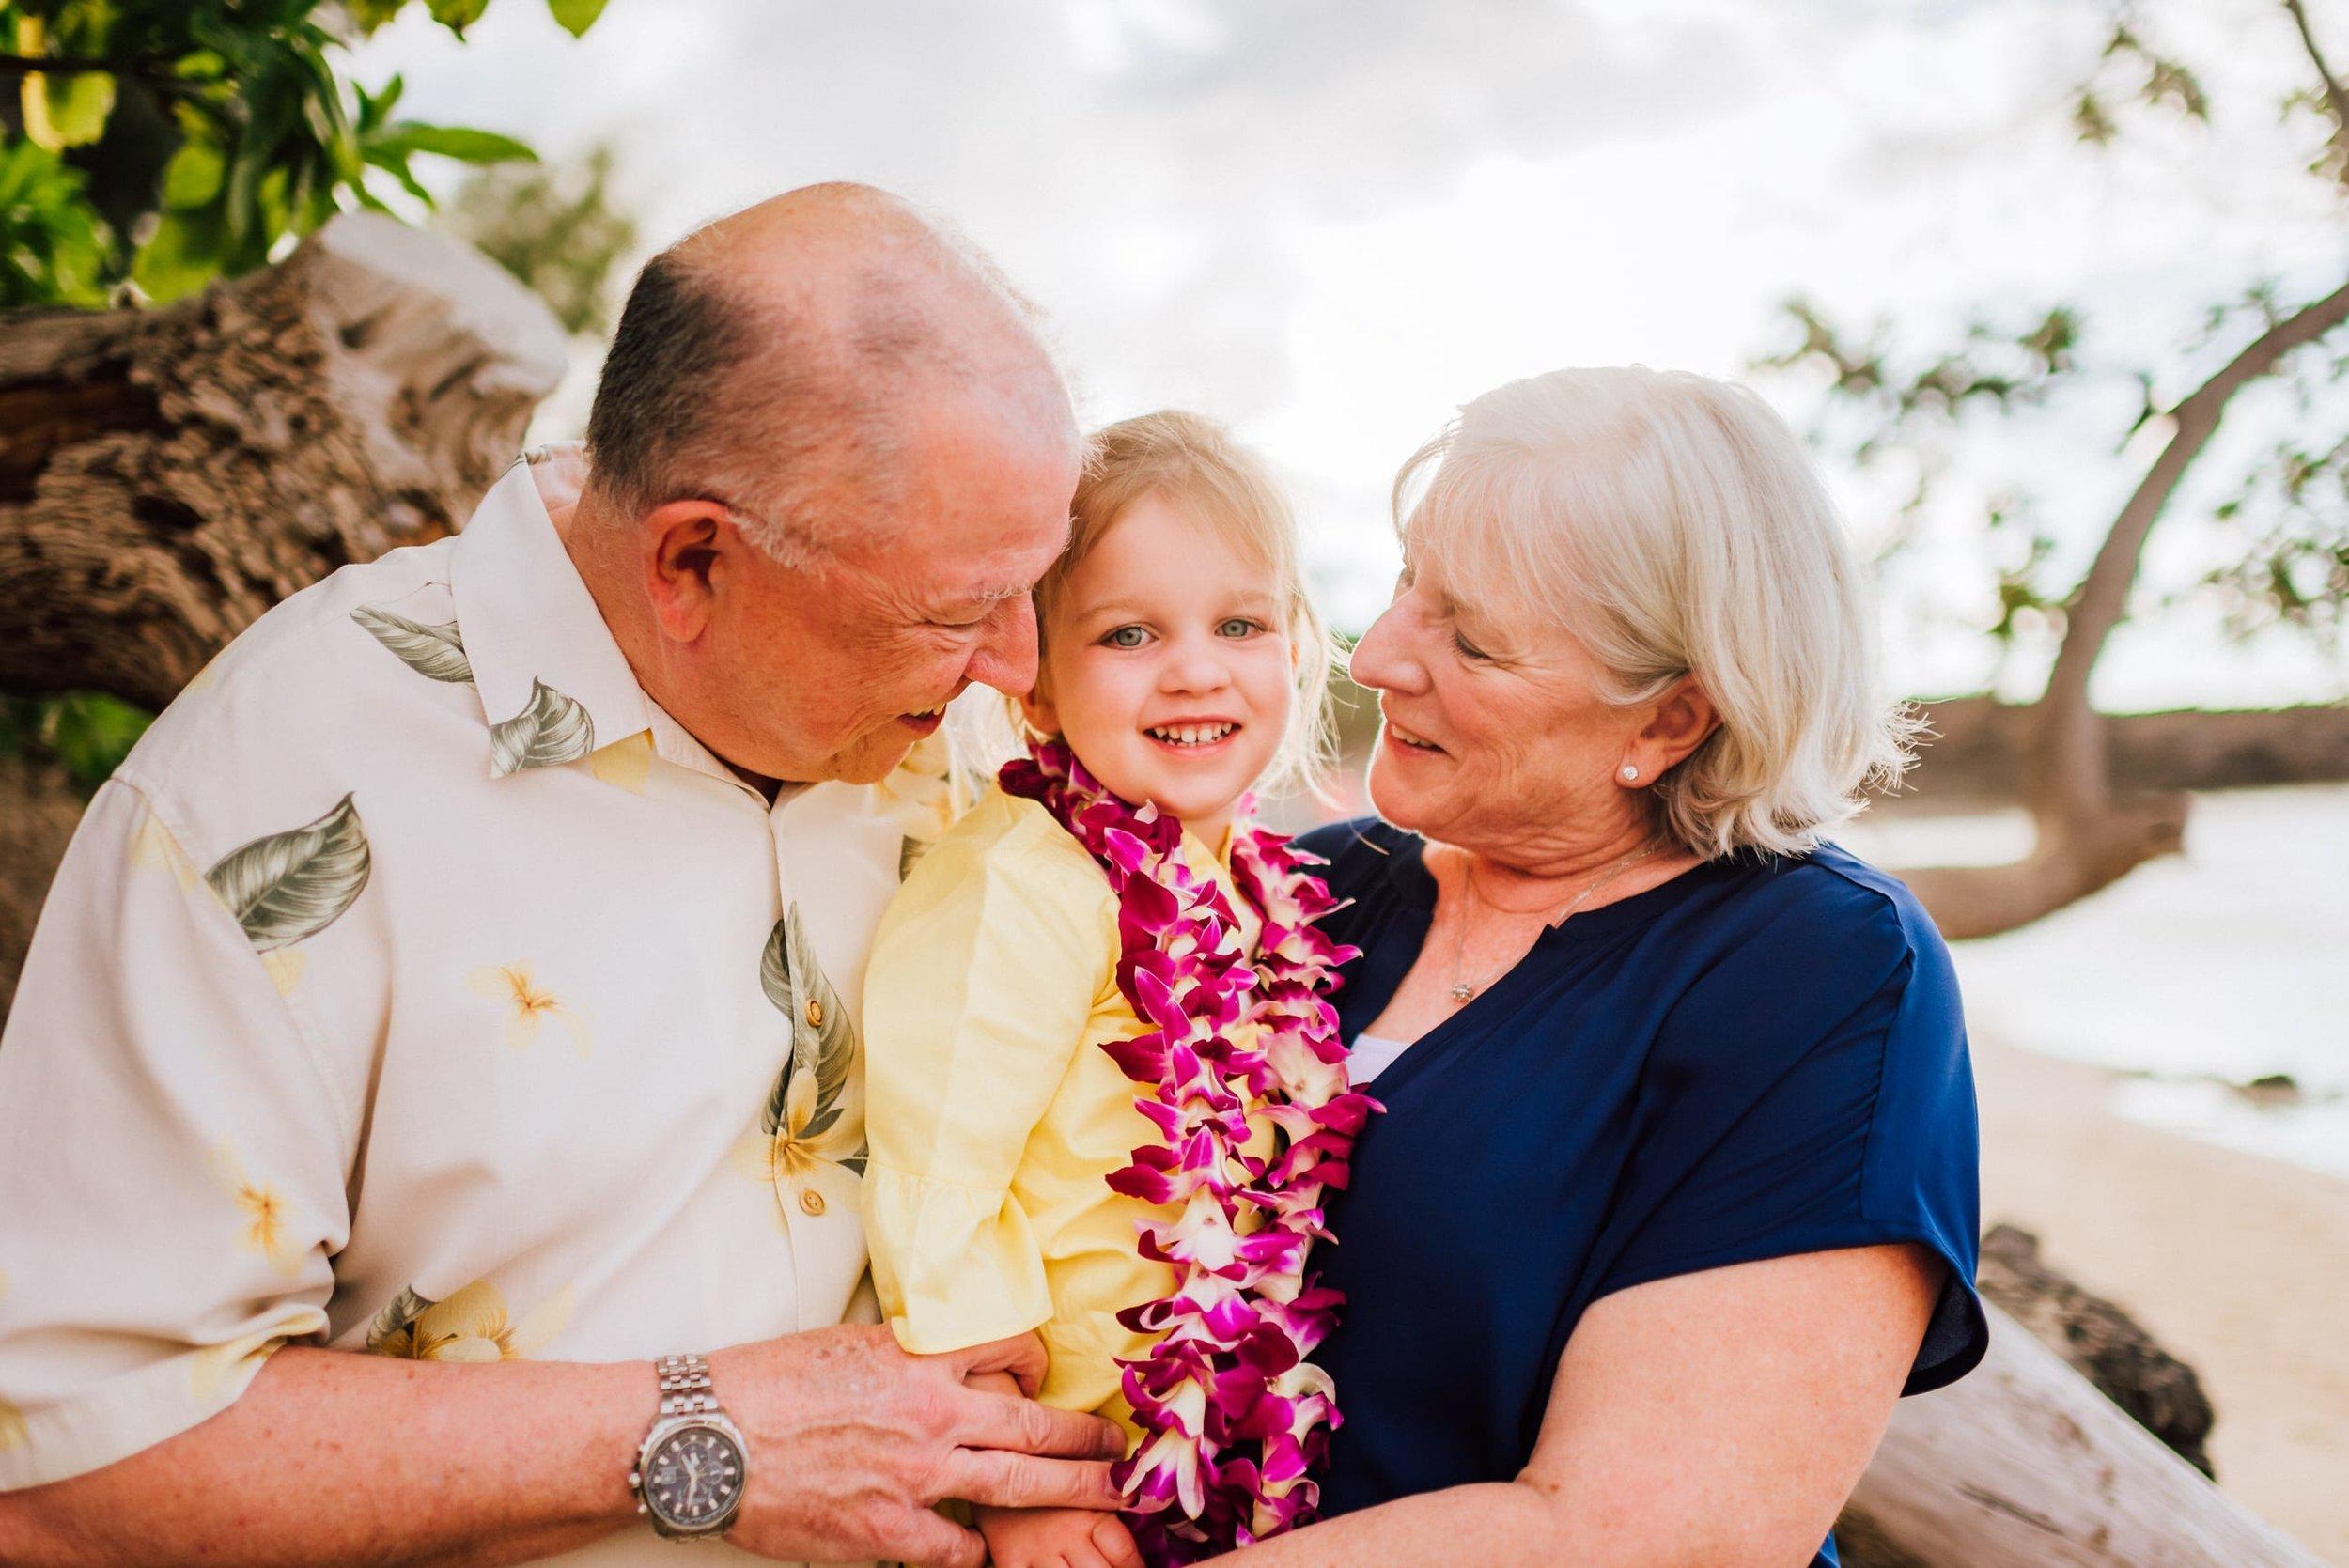 Mauna-Kea-Waikoloa-Family-Photographer-Hawaii-JW-4.jpg